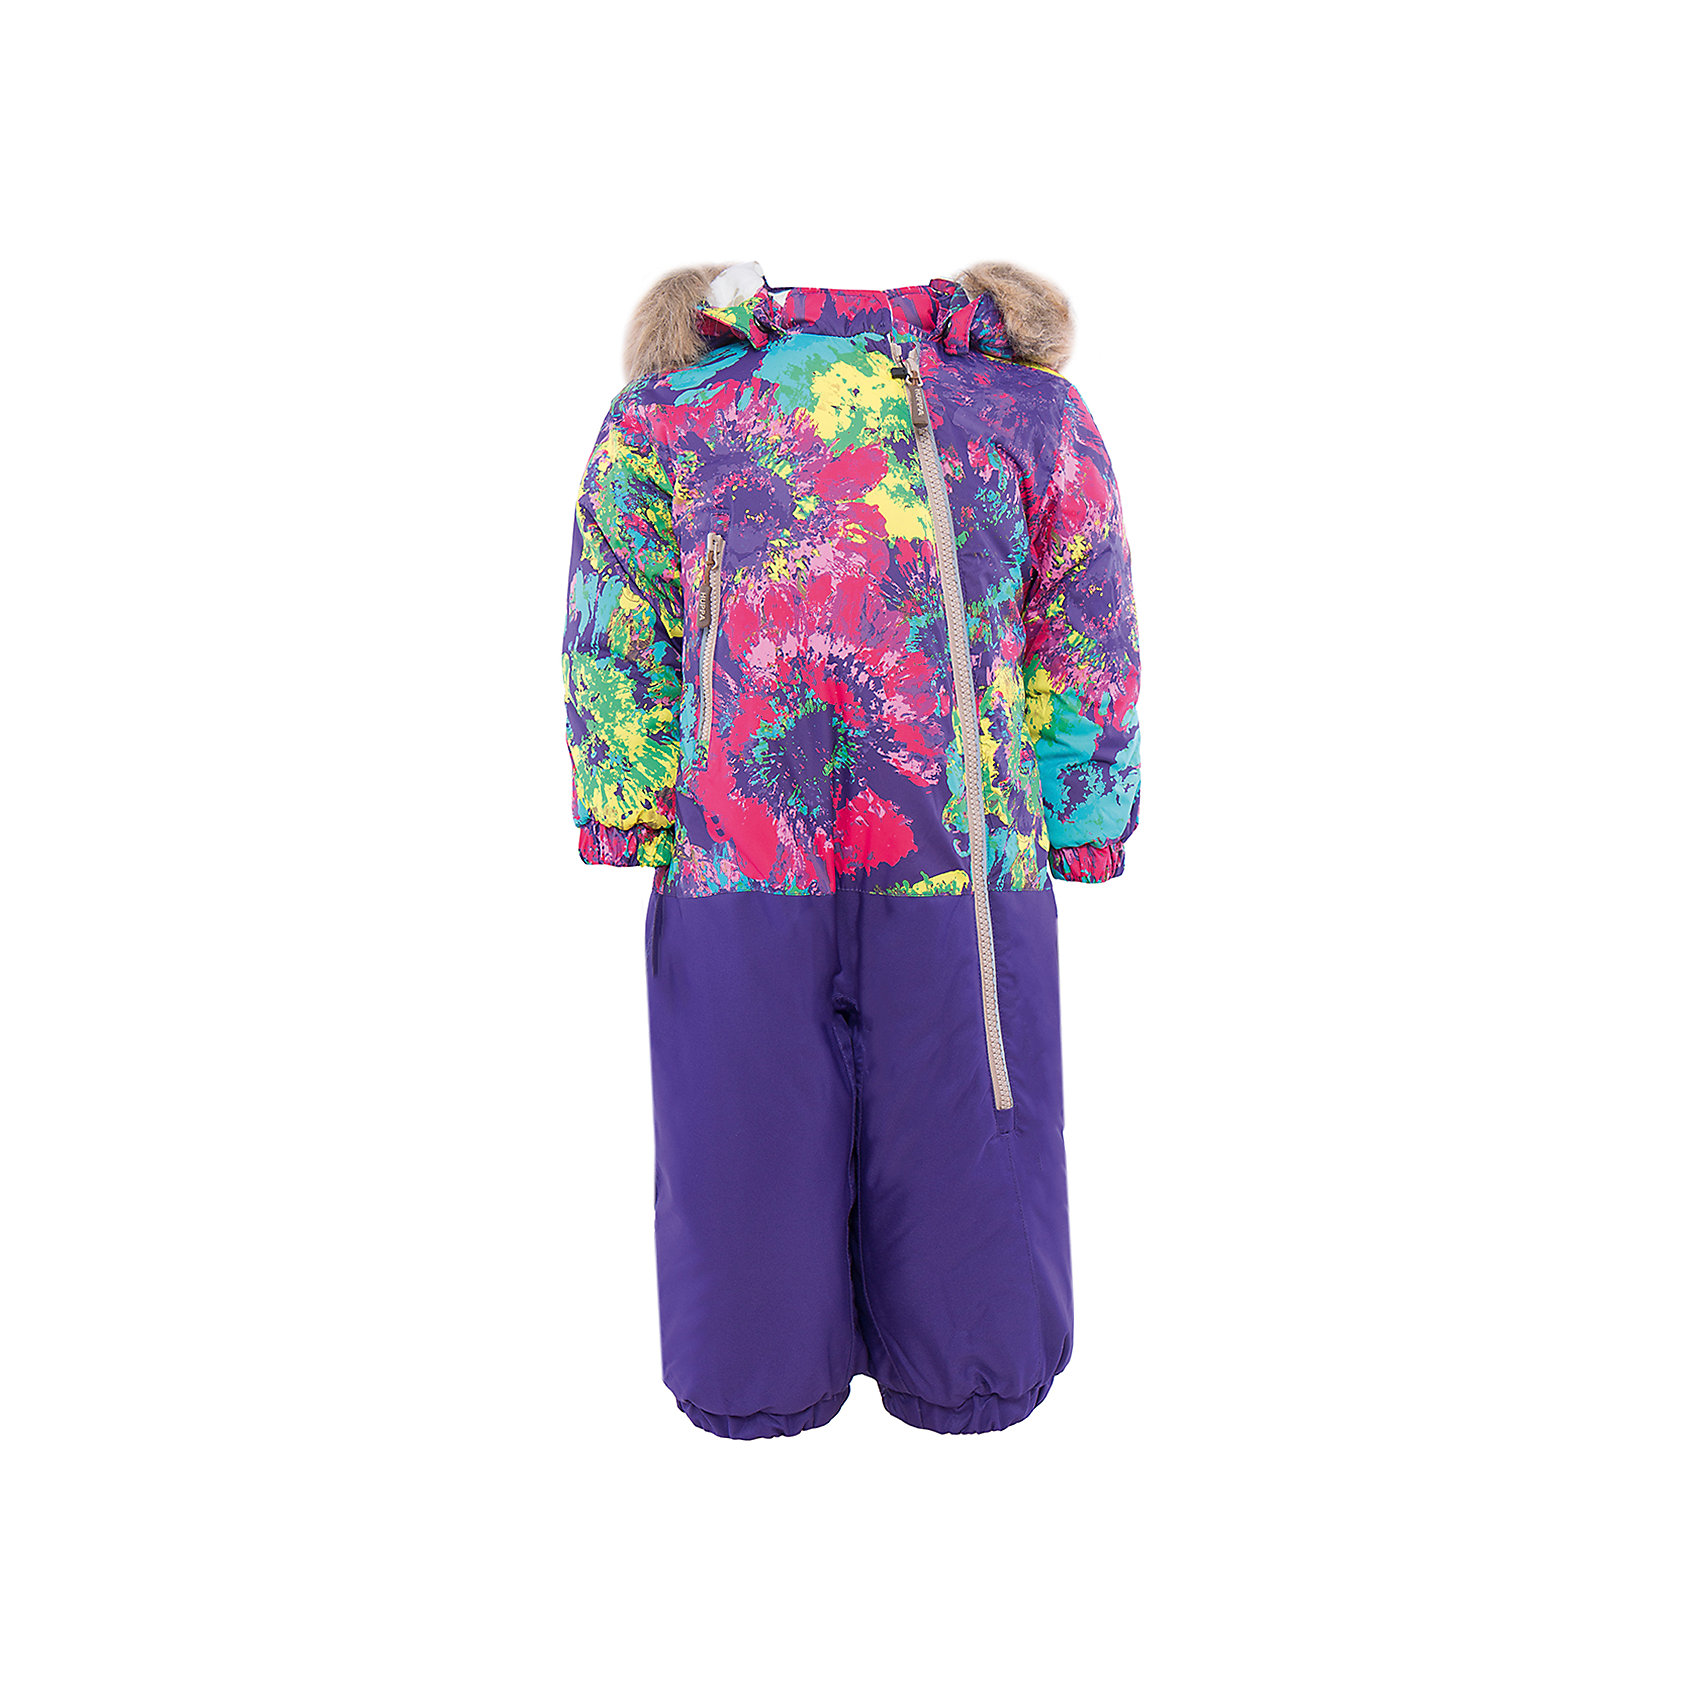 Комбинезон HuppaВерхняя одежда<br>Теплый комбинезон DEVON Huppa(Хуппа).<br><br>Утеплитель: 100% полиэстер, 300 гр.<br><br>Температурный режим: до -30 градусов. Степень утепления – высокая. <br><br>* Температурный режим указан приблизительно — необходимо, прежде всего, ориентироваться на ощущения ребенка. Температурный режим работает в случае соблюдения правила многослойности – использования флисовой поддевы и термобелья.<br><br>Прекрасно подойдет для малышей, ведь он легко застегивается на длинную молнию по диагонали. Резинки на талии и манжетах не позволят снегу и ветру попасть под одежду. Комбинезон дополнен искусственным мехом на капюшоне в форме ушек. Яркая расцветка непременно понравится непоседе!<br><br>Особенности: <br>-мягкая подкладка <br>-съемный капюшон с отстегивающимся мехом <br>-карман с лентой для соски <br>-резинка для обуви <br>-водоотталкивающие дышащие материалы <br>-утеплитель HuppaTherm, неприхотлив в уходе <br>-швы проклеены водостойкой лентой<br>-светоотражающие элементы<br>-манжеты с отворотом у размеров 62-80<br><br><br>Дополнительная информация: <br>Материал: 100% полиэстер <br>Подкладка: фланель - 100% хлопок <br>Цвет: лиловый<br><br>Вы можете приобрести комбинезон DEVON Huppa(Хуппа) в нашем интернет-магазине.<br><br>Ширина мм: 356<br>Глубина мм: 10<br>Высота мм: 245<br>Вес г: 519<br>Цвет: лиловый<br>Возраст от месяцев: 6<br>Возраст до месяцев: 9<br>Пол: Женский<br>Возраст: Детский<br>Размер: 74,98,68,80,86,92<br>SKU: 4928653